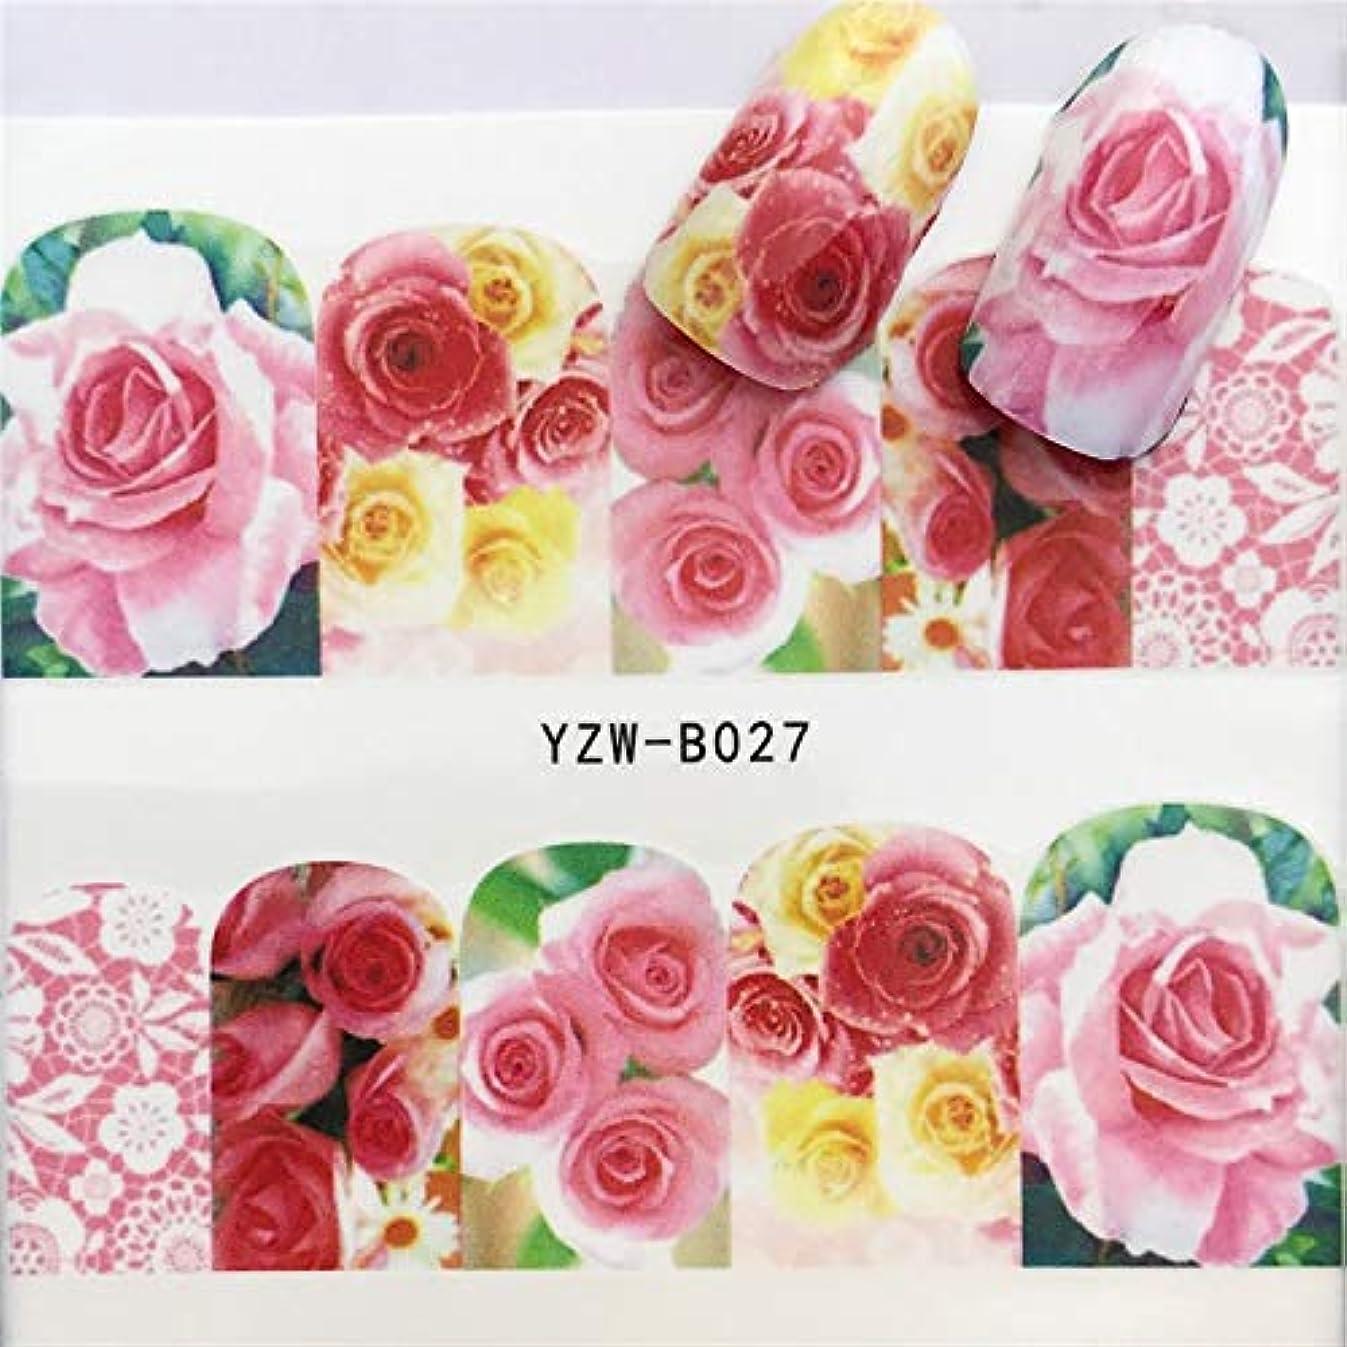 トロイの木馬ローマ人陰気CELINEZL CELINEZL 3ピースネイルステッカーセットデカールウォータースライダースライダーネイルアートデコレーション、色:YZWB027